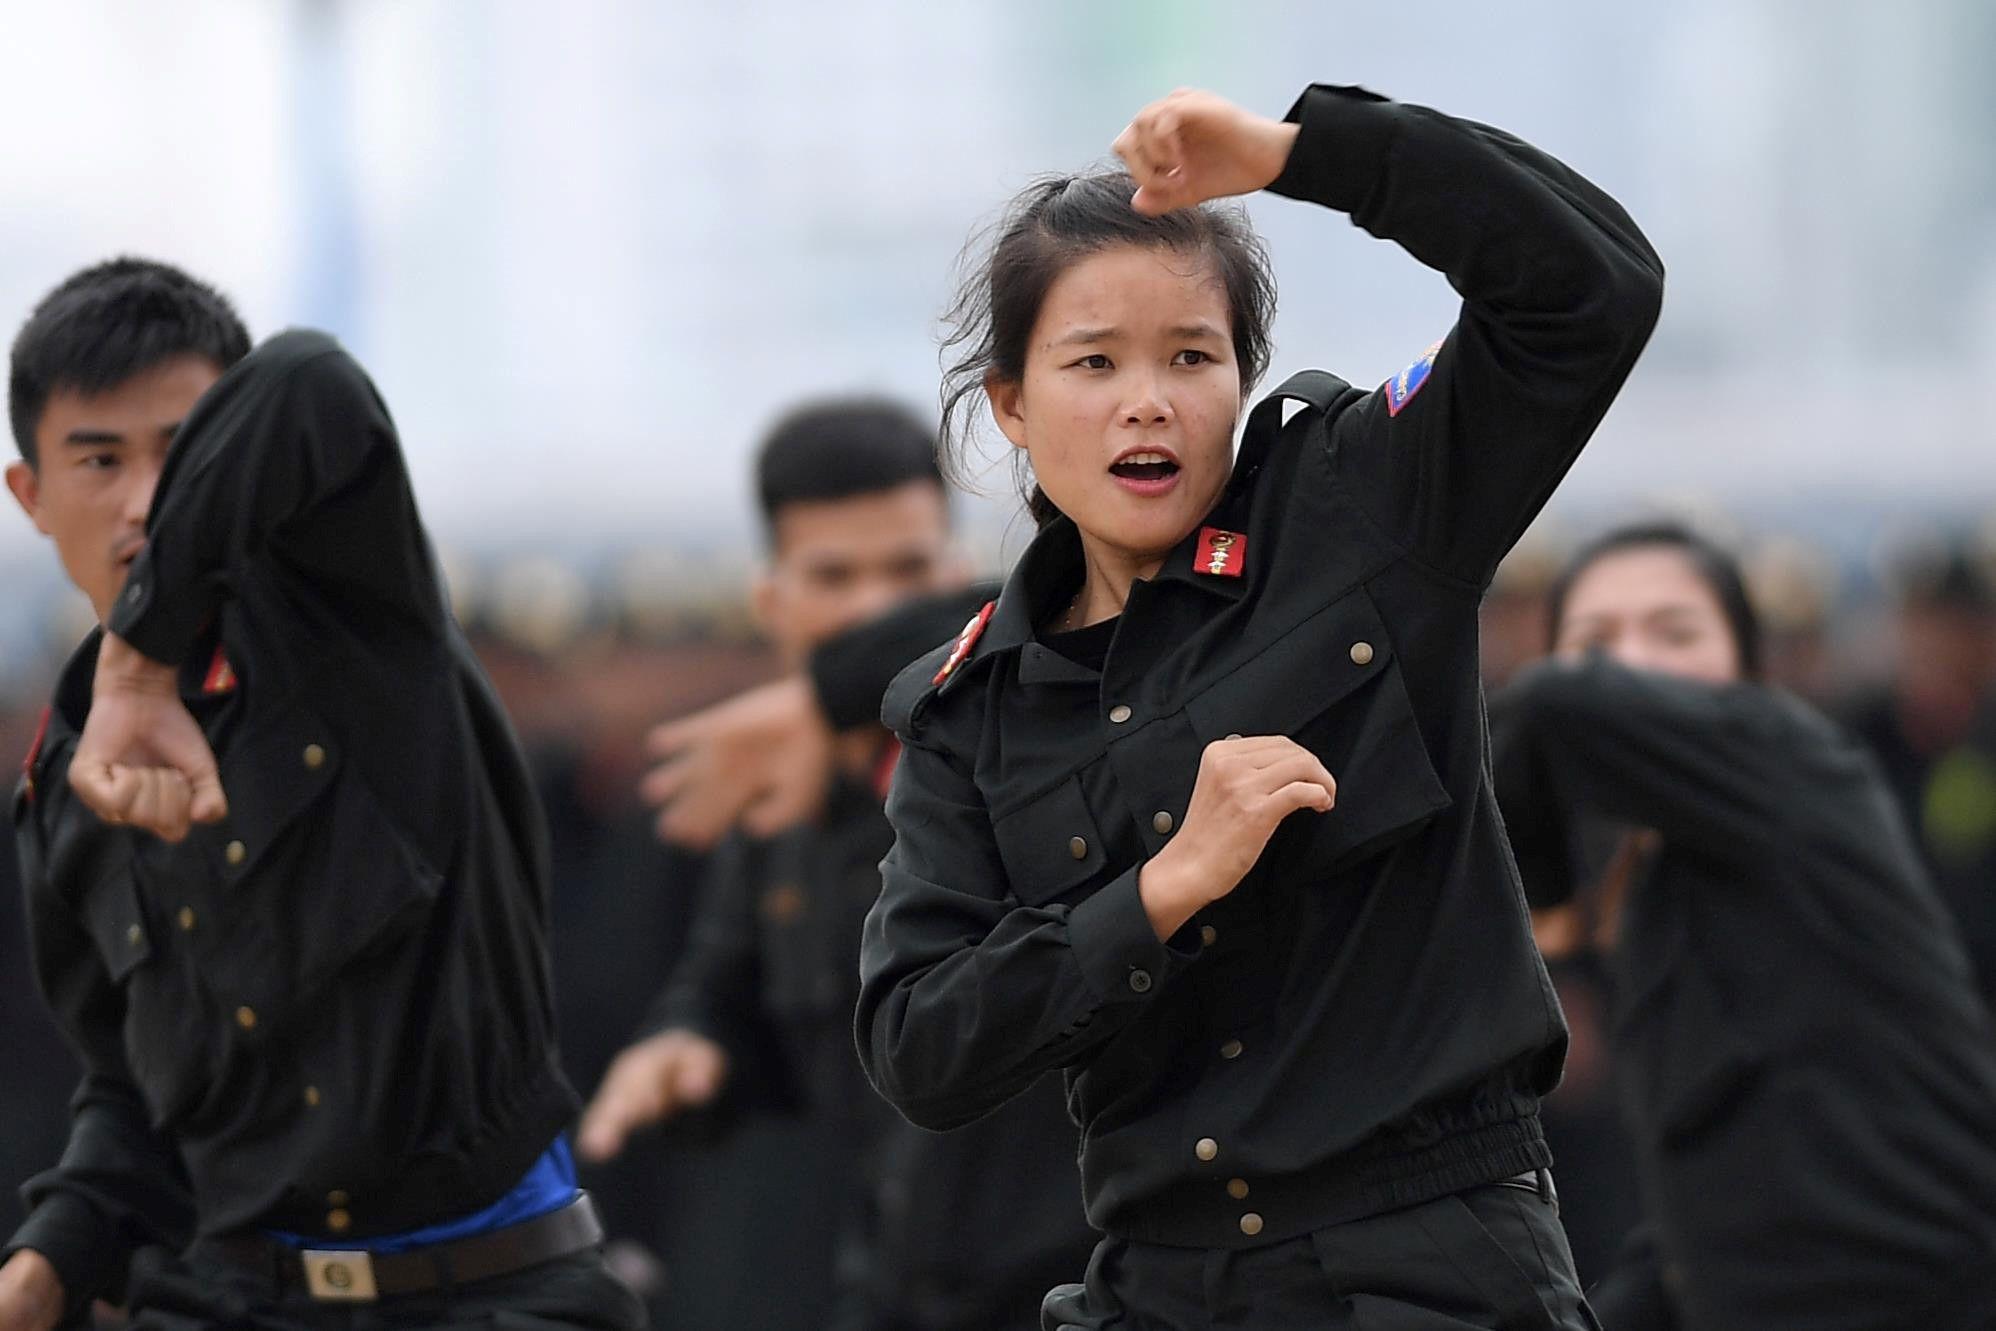 Võ thuật điêu luyện của nữ cảnh sát cơ động chuẩn bị bảo vệ APEC